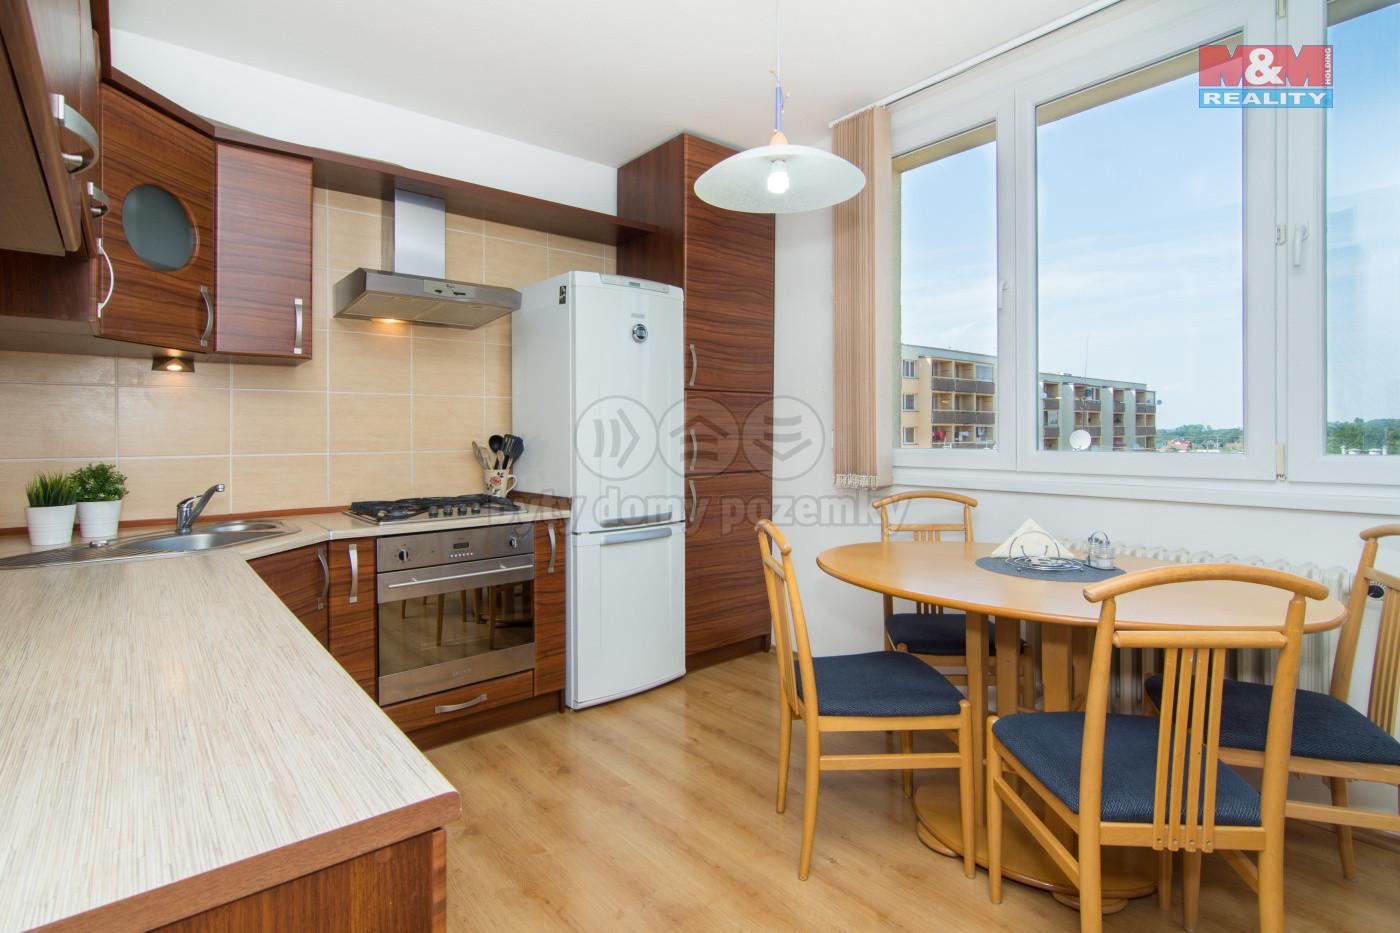 Prodej, byt 2+1, 63 m², Frýdek-Místek, ul. K Hájku